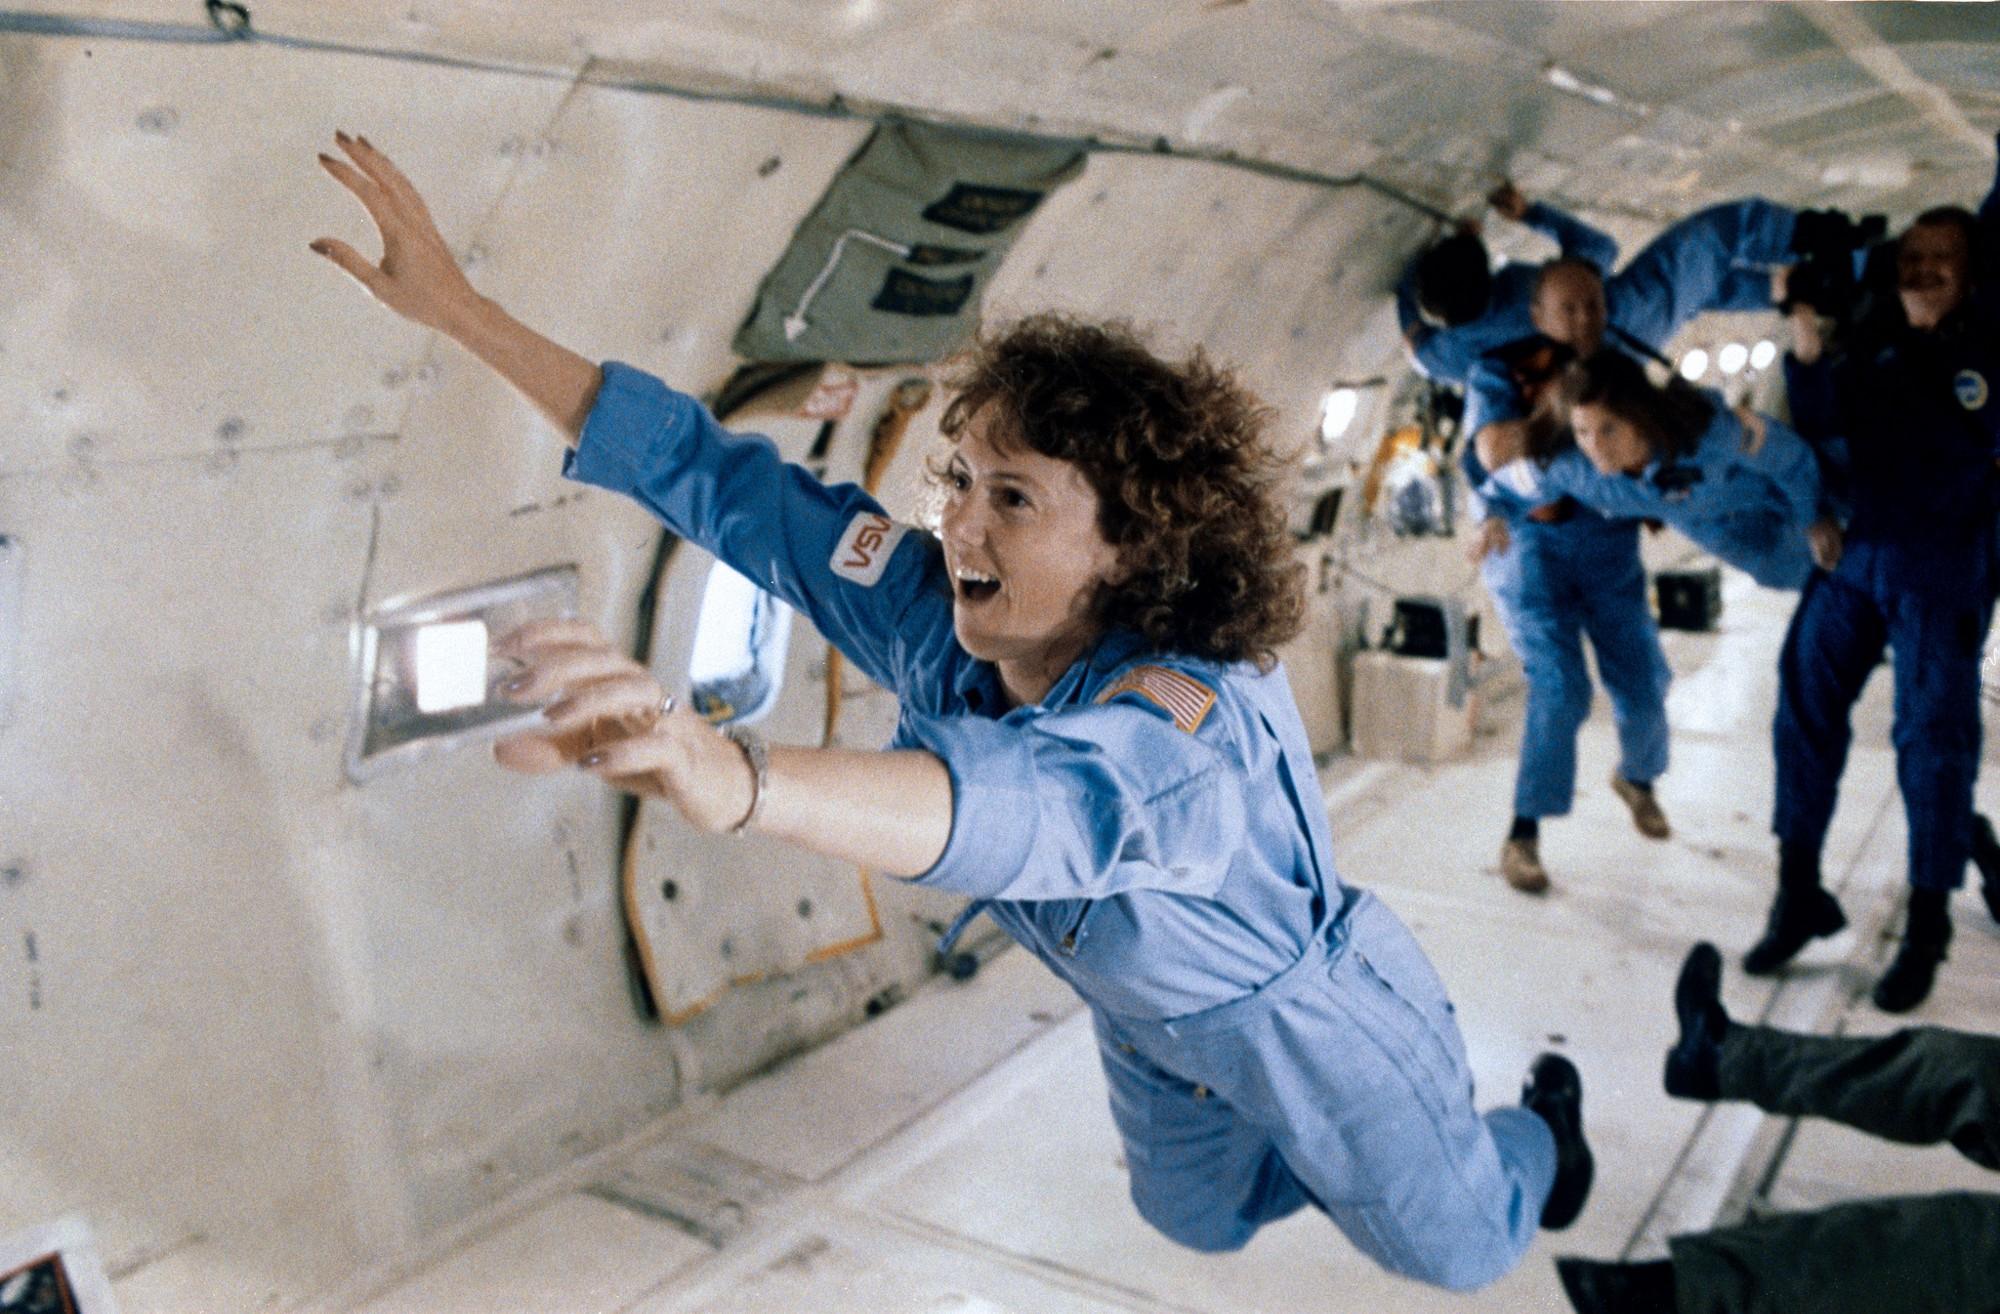 נבחרה מבין 11,000 מועמדים ובסופו של דבר נהרגה בדרך לחלל. כריסטה מקאוליף באימונים למשימה | צילום: NASA